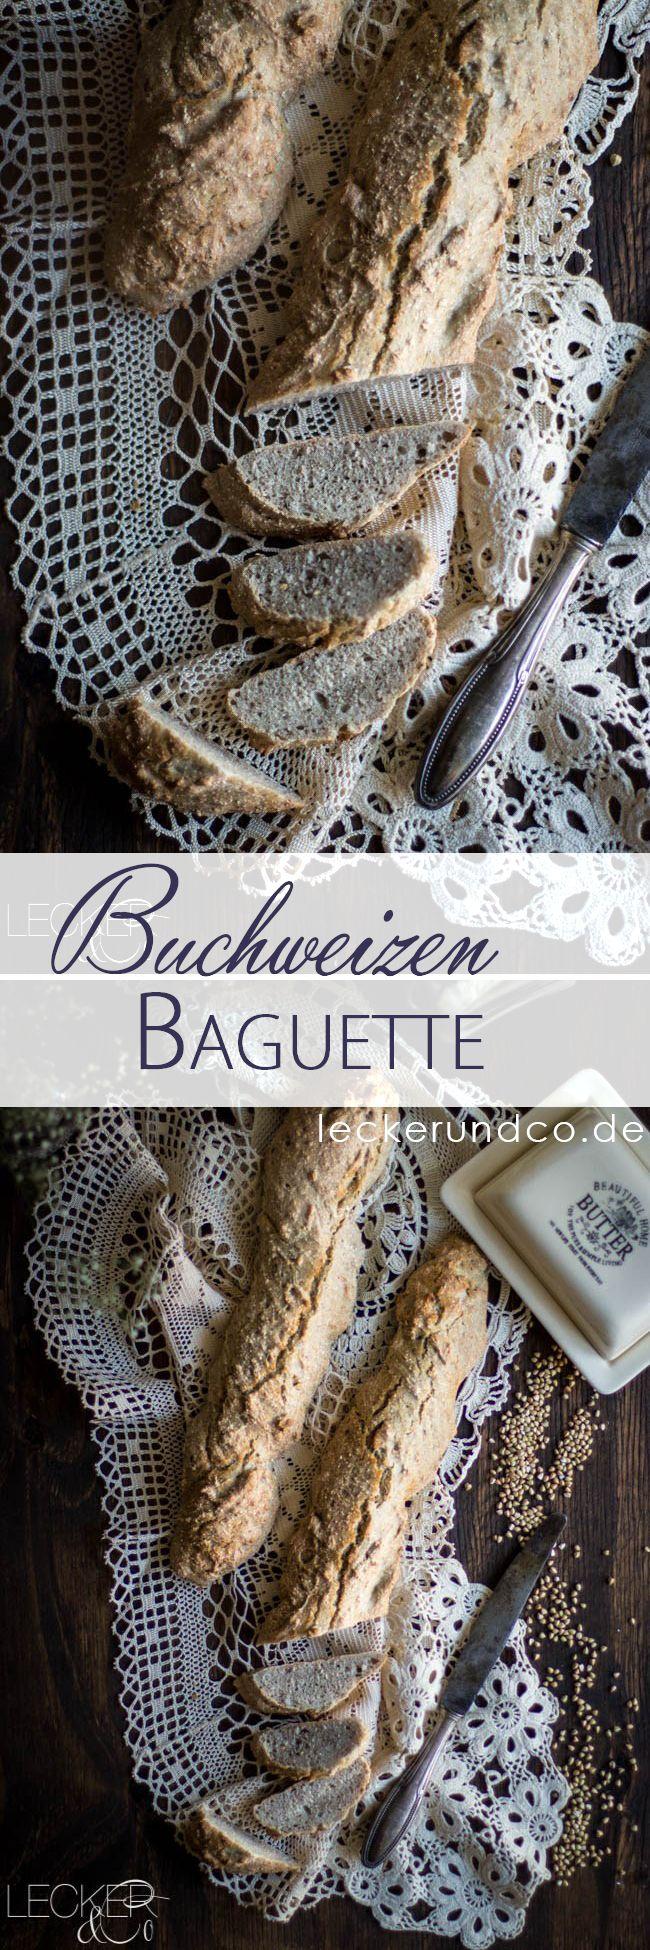 Baguette mit Buchweizen und Dinkelmehl